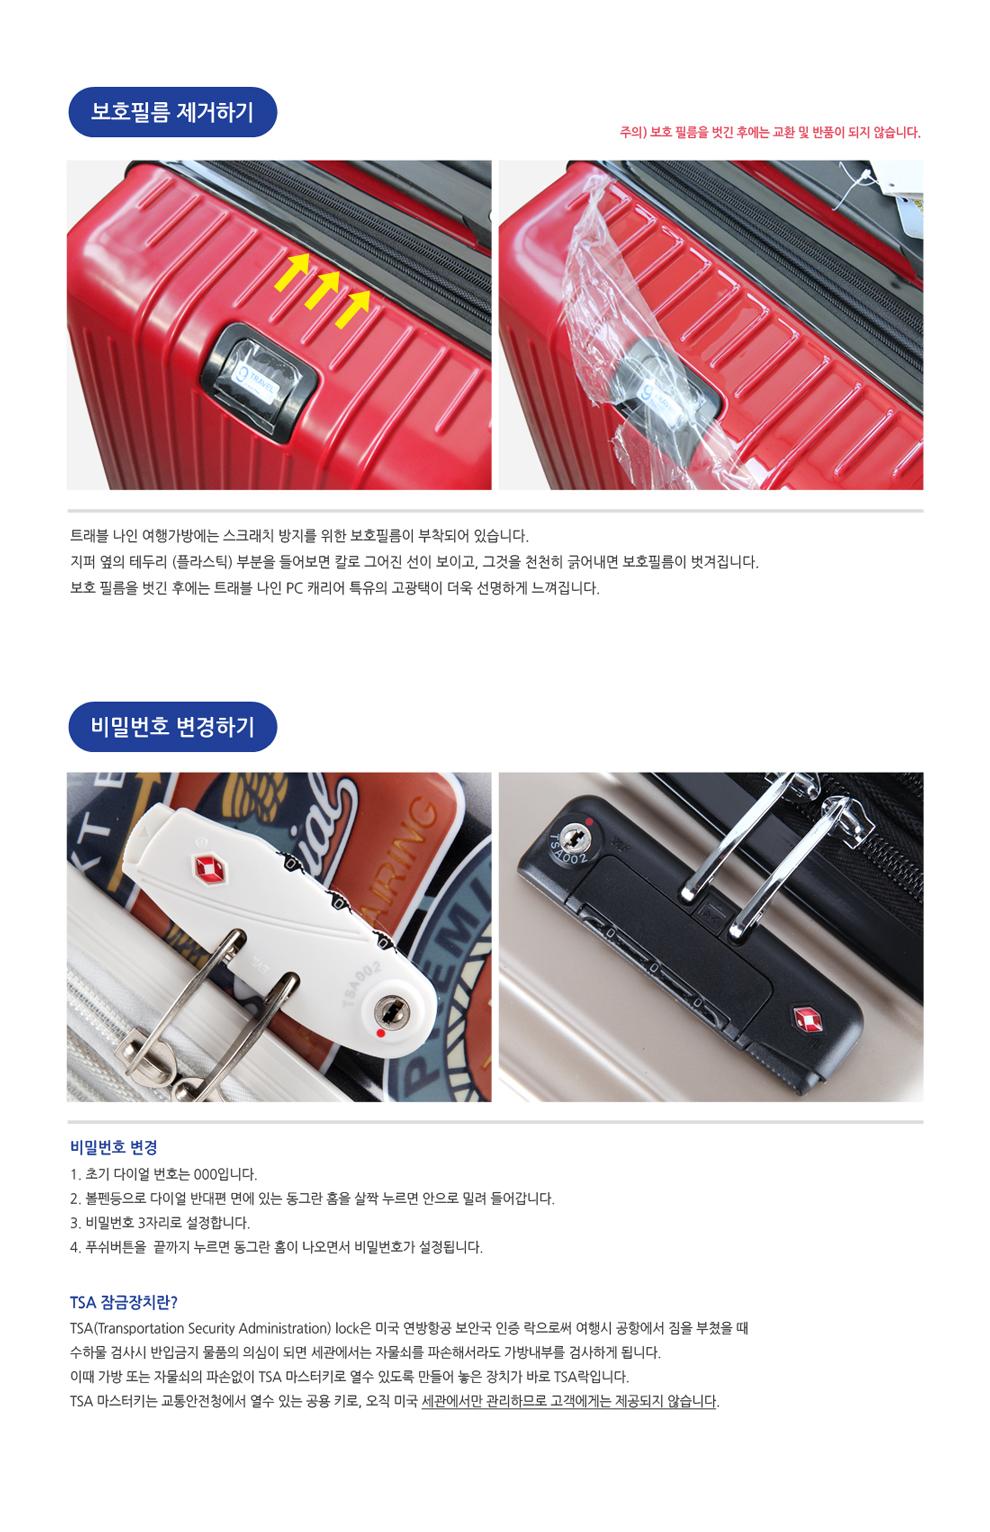 트래블나인 (8011) 벚꽃엔딩 라이트 기내용 캐리어 20인치 - 트래블나인, 108,000원, 하드형, 20inch 이하